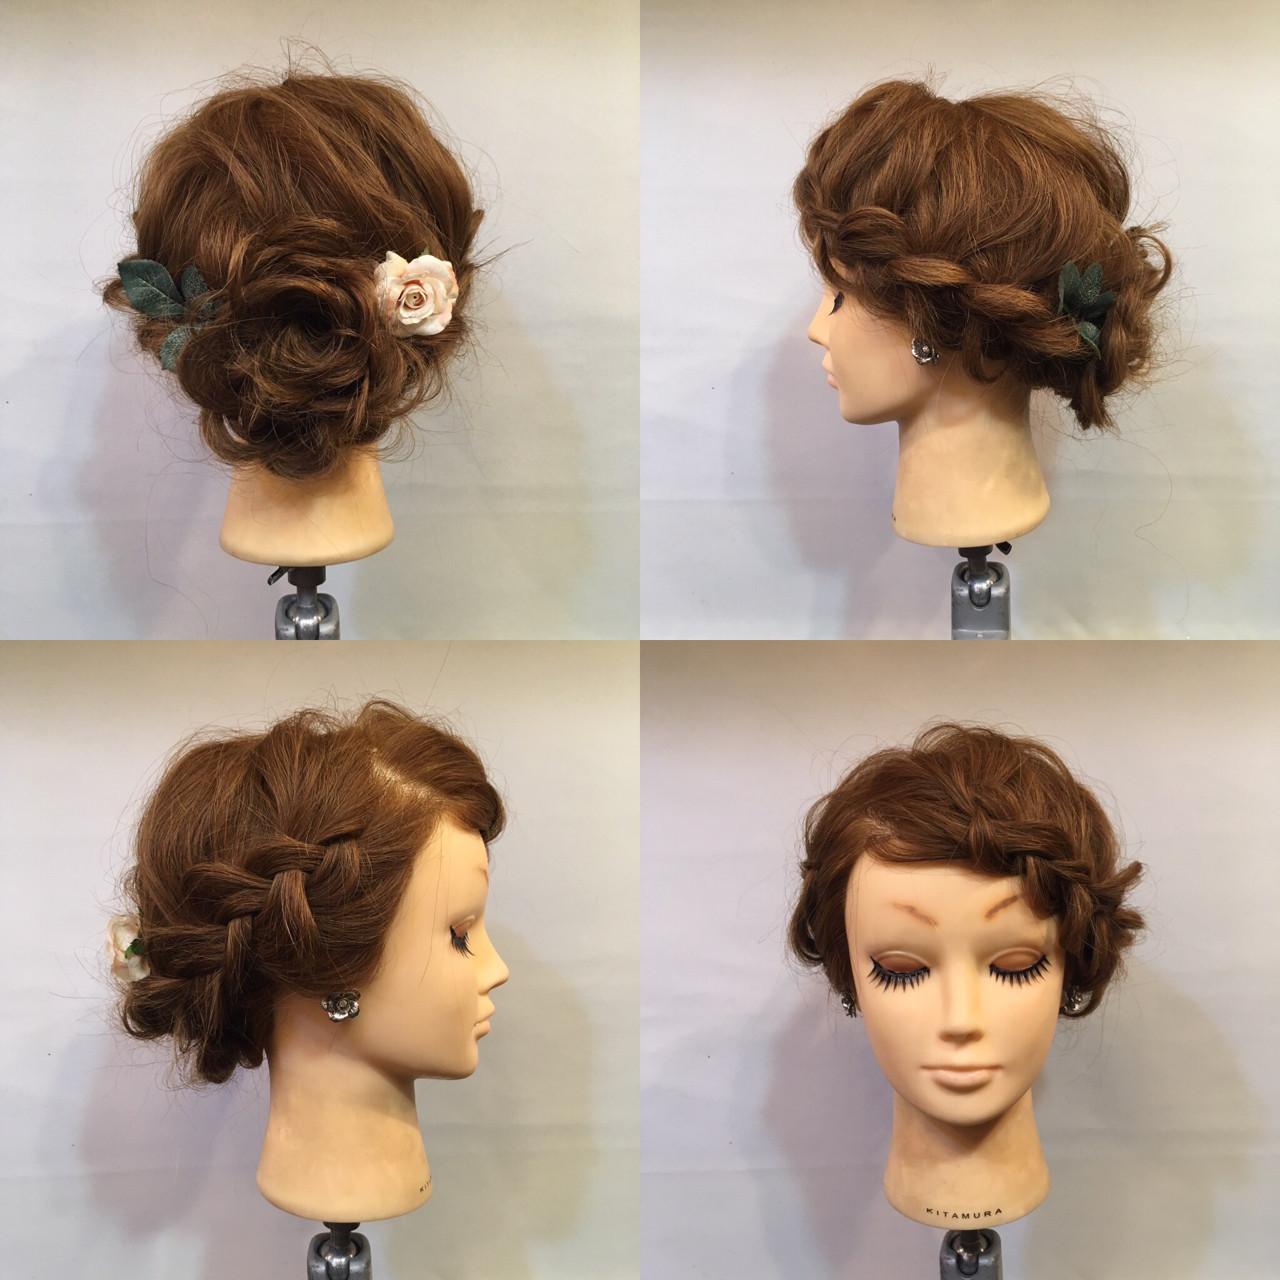 伸びてきた前髪を可愛くするなら?前髪編み込みにチャレンジ♡ 鈴木 健太郎